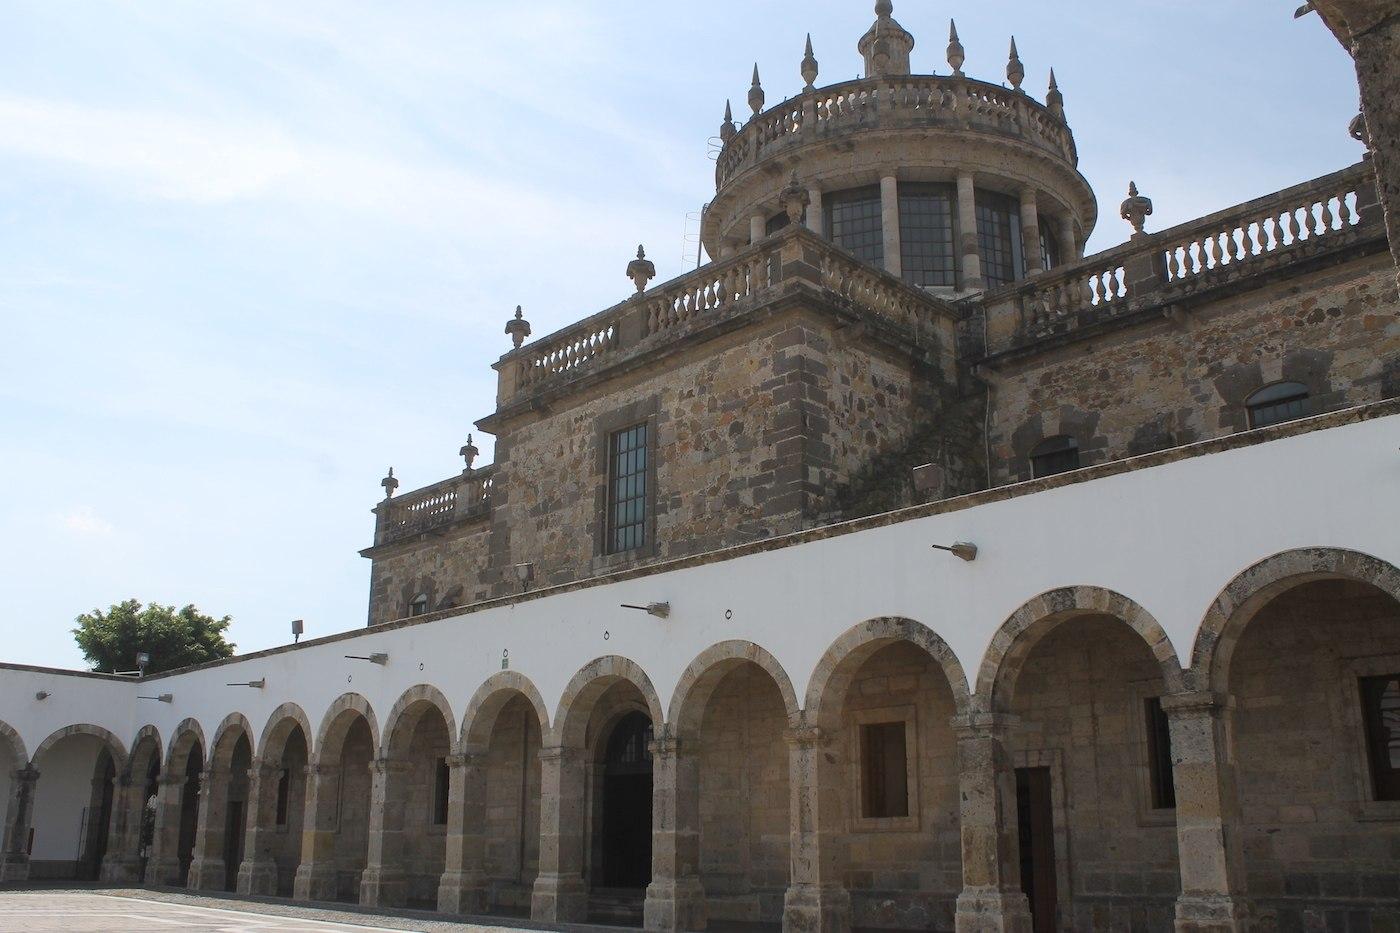 Hospicio Cabañas patio interior obra del arquitecto Manuel Tolsá